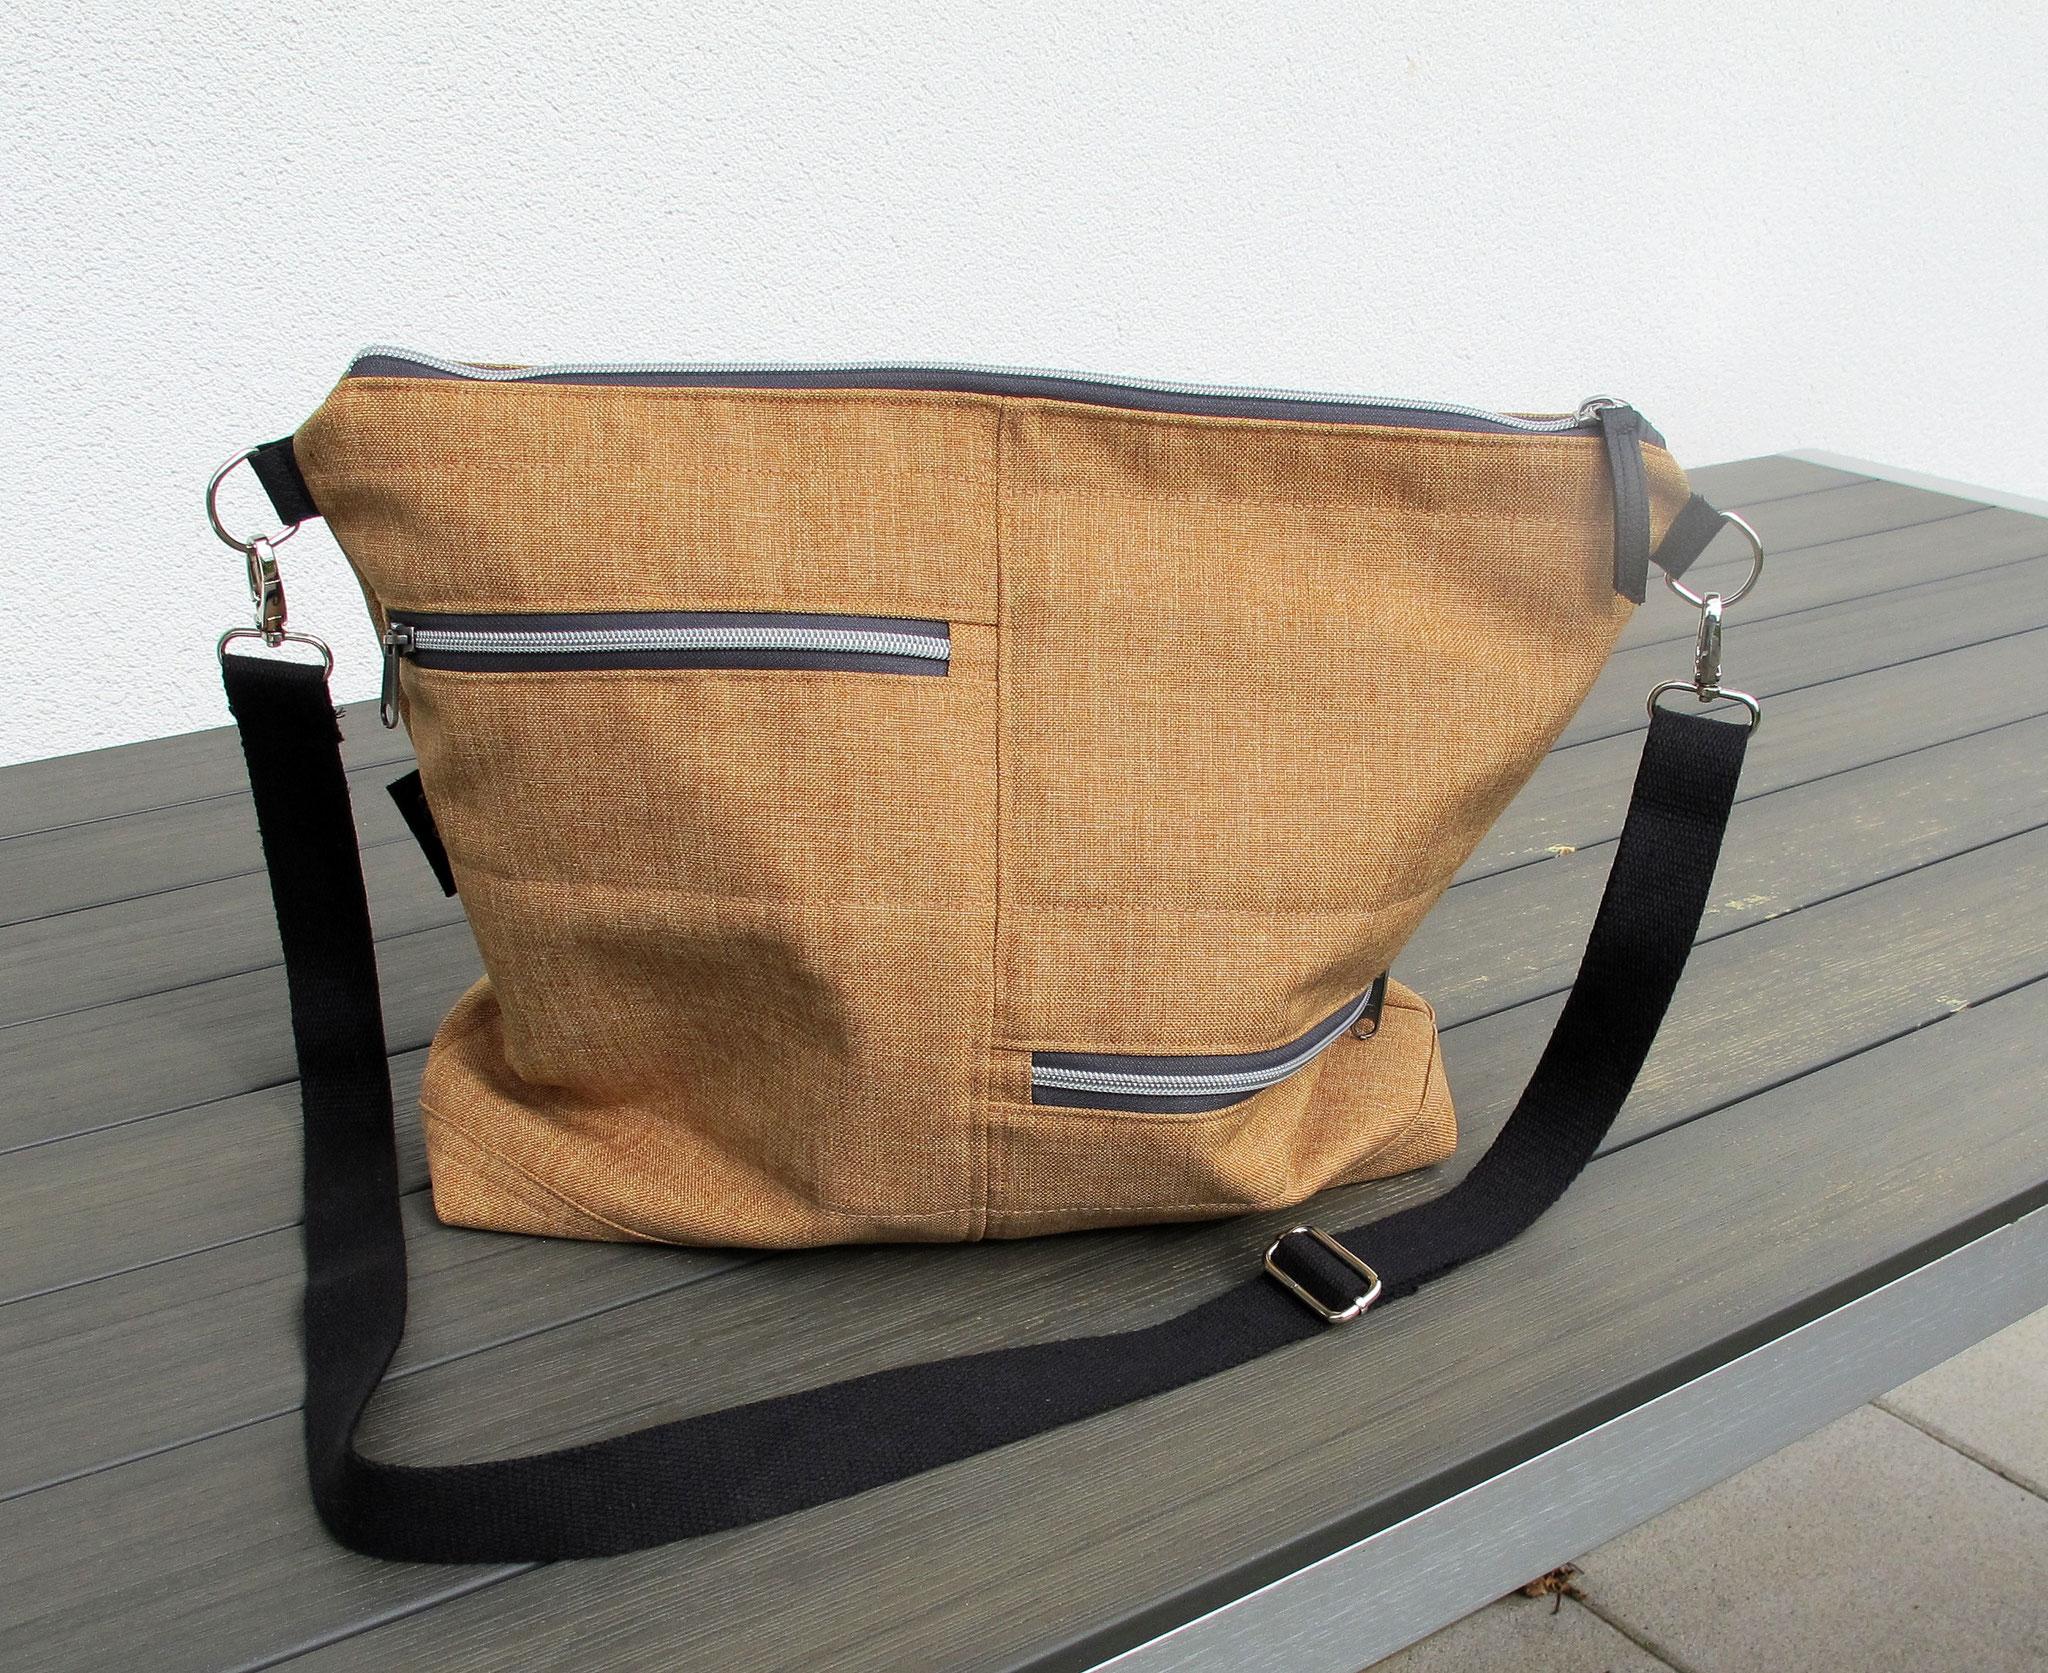 SIENA, eine Umhängetasche mit 3 Reissverschlusstaschen (eines davon innen)